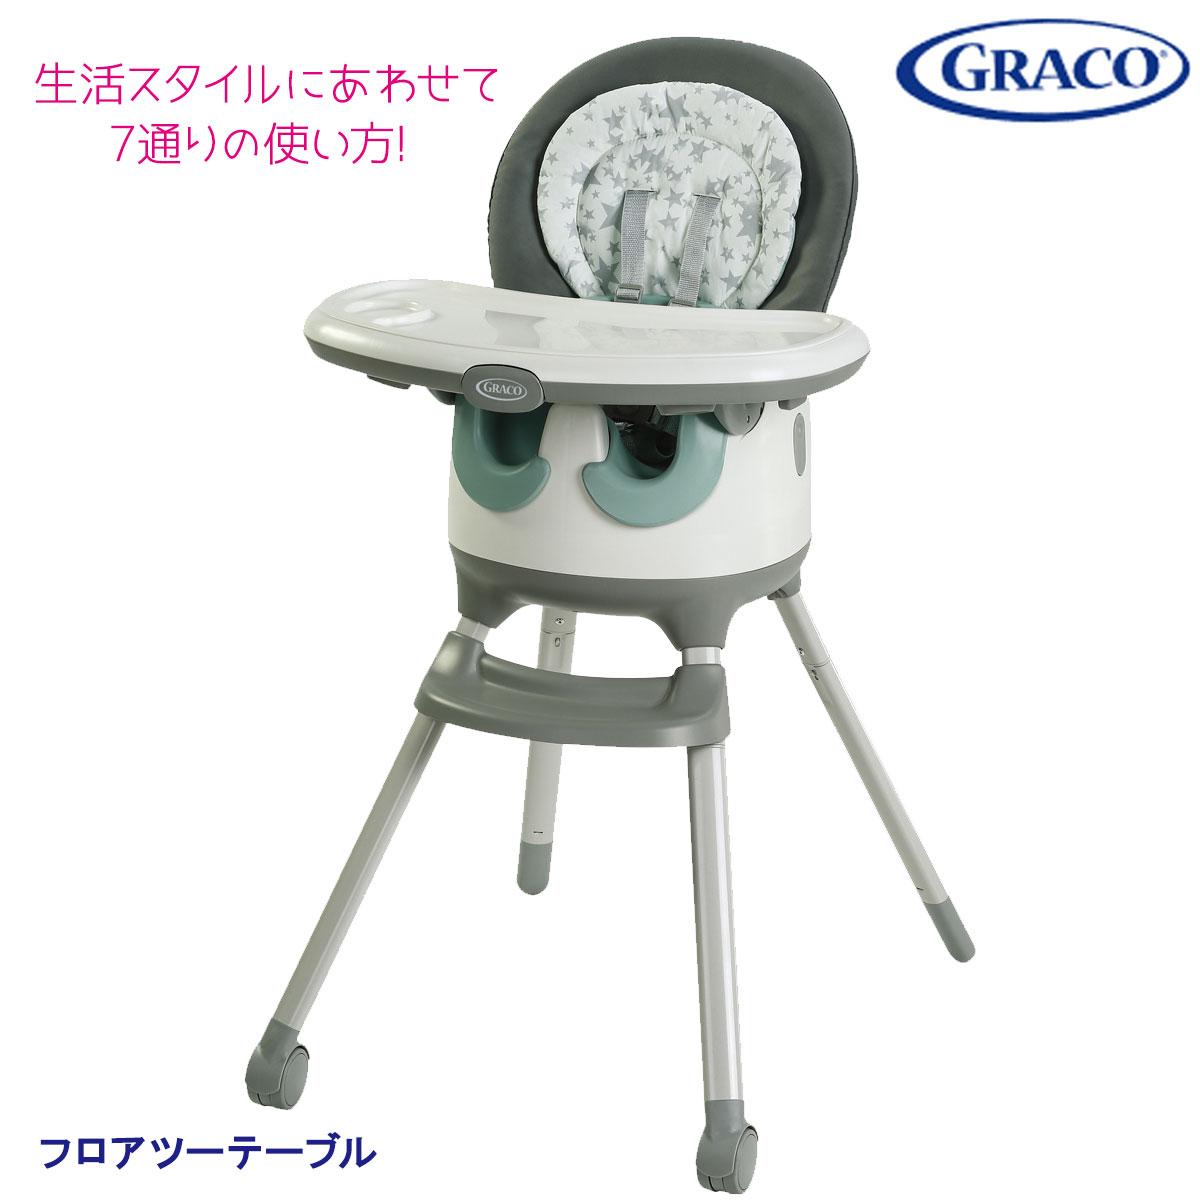 グレコ フロアツーテーブル オスカー(GR) 2090856 / GRACO フロアシート ハイチェア テーブル ブースター ロングユース